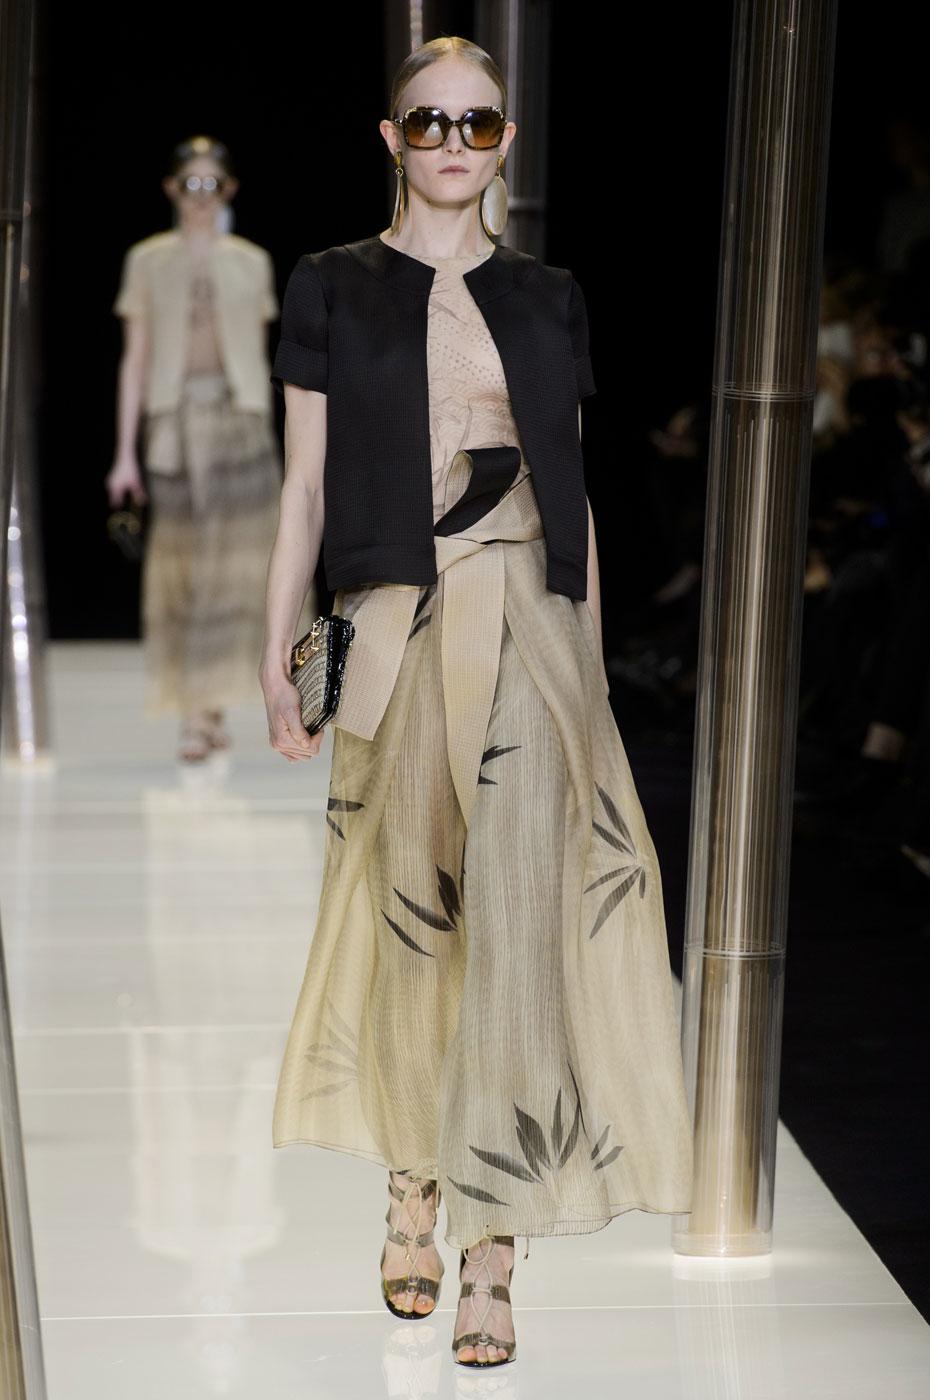 Giorgio-armani-Prive-fashion-runway-show-haute-couture-paris-spring-2015-the-impression-021